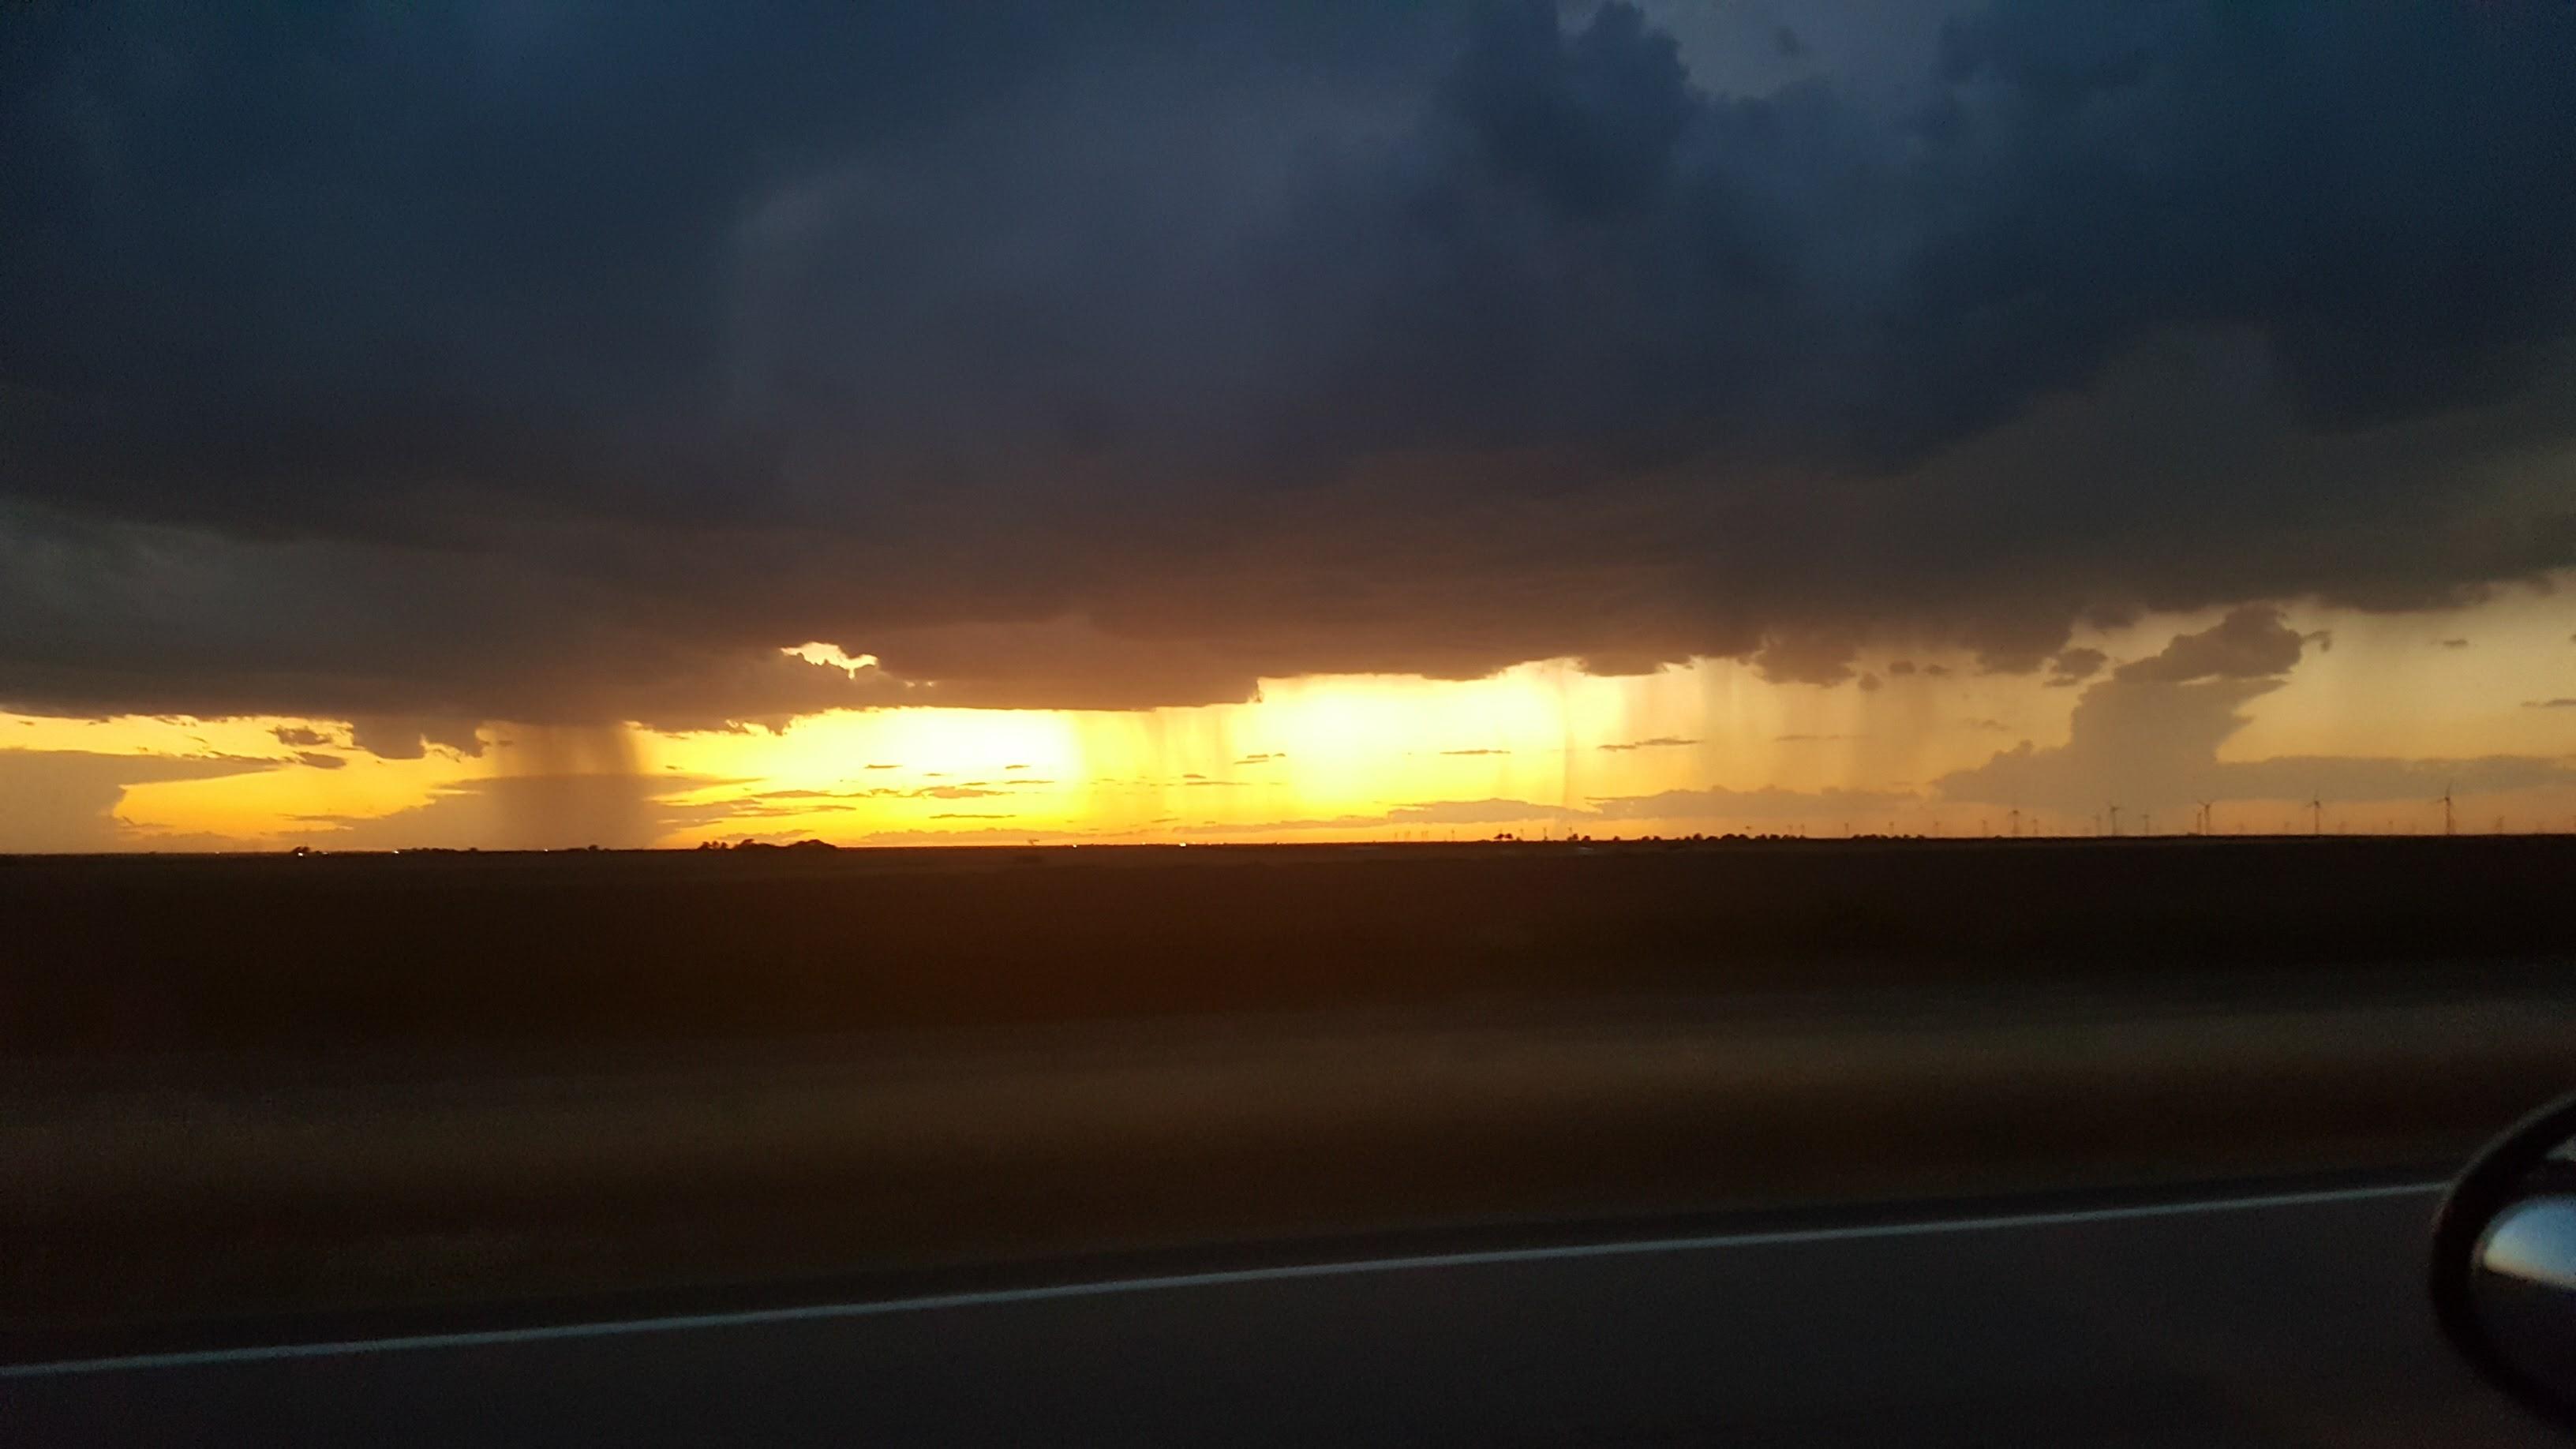 Rain Storm at dusk